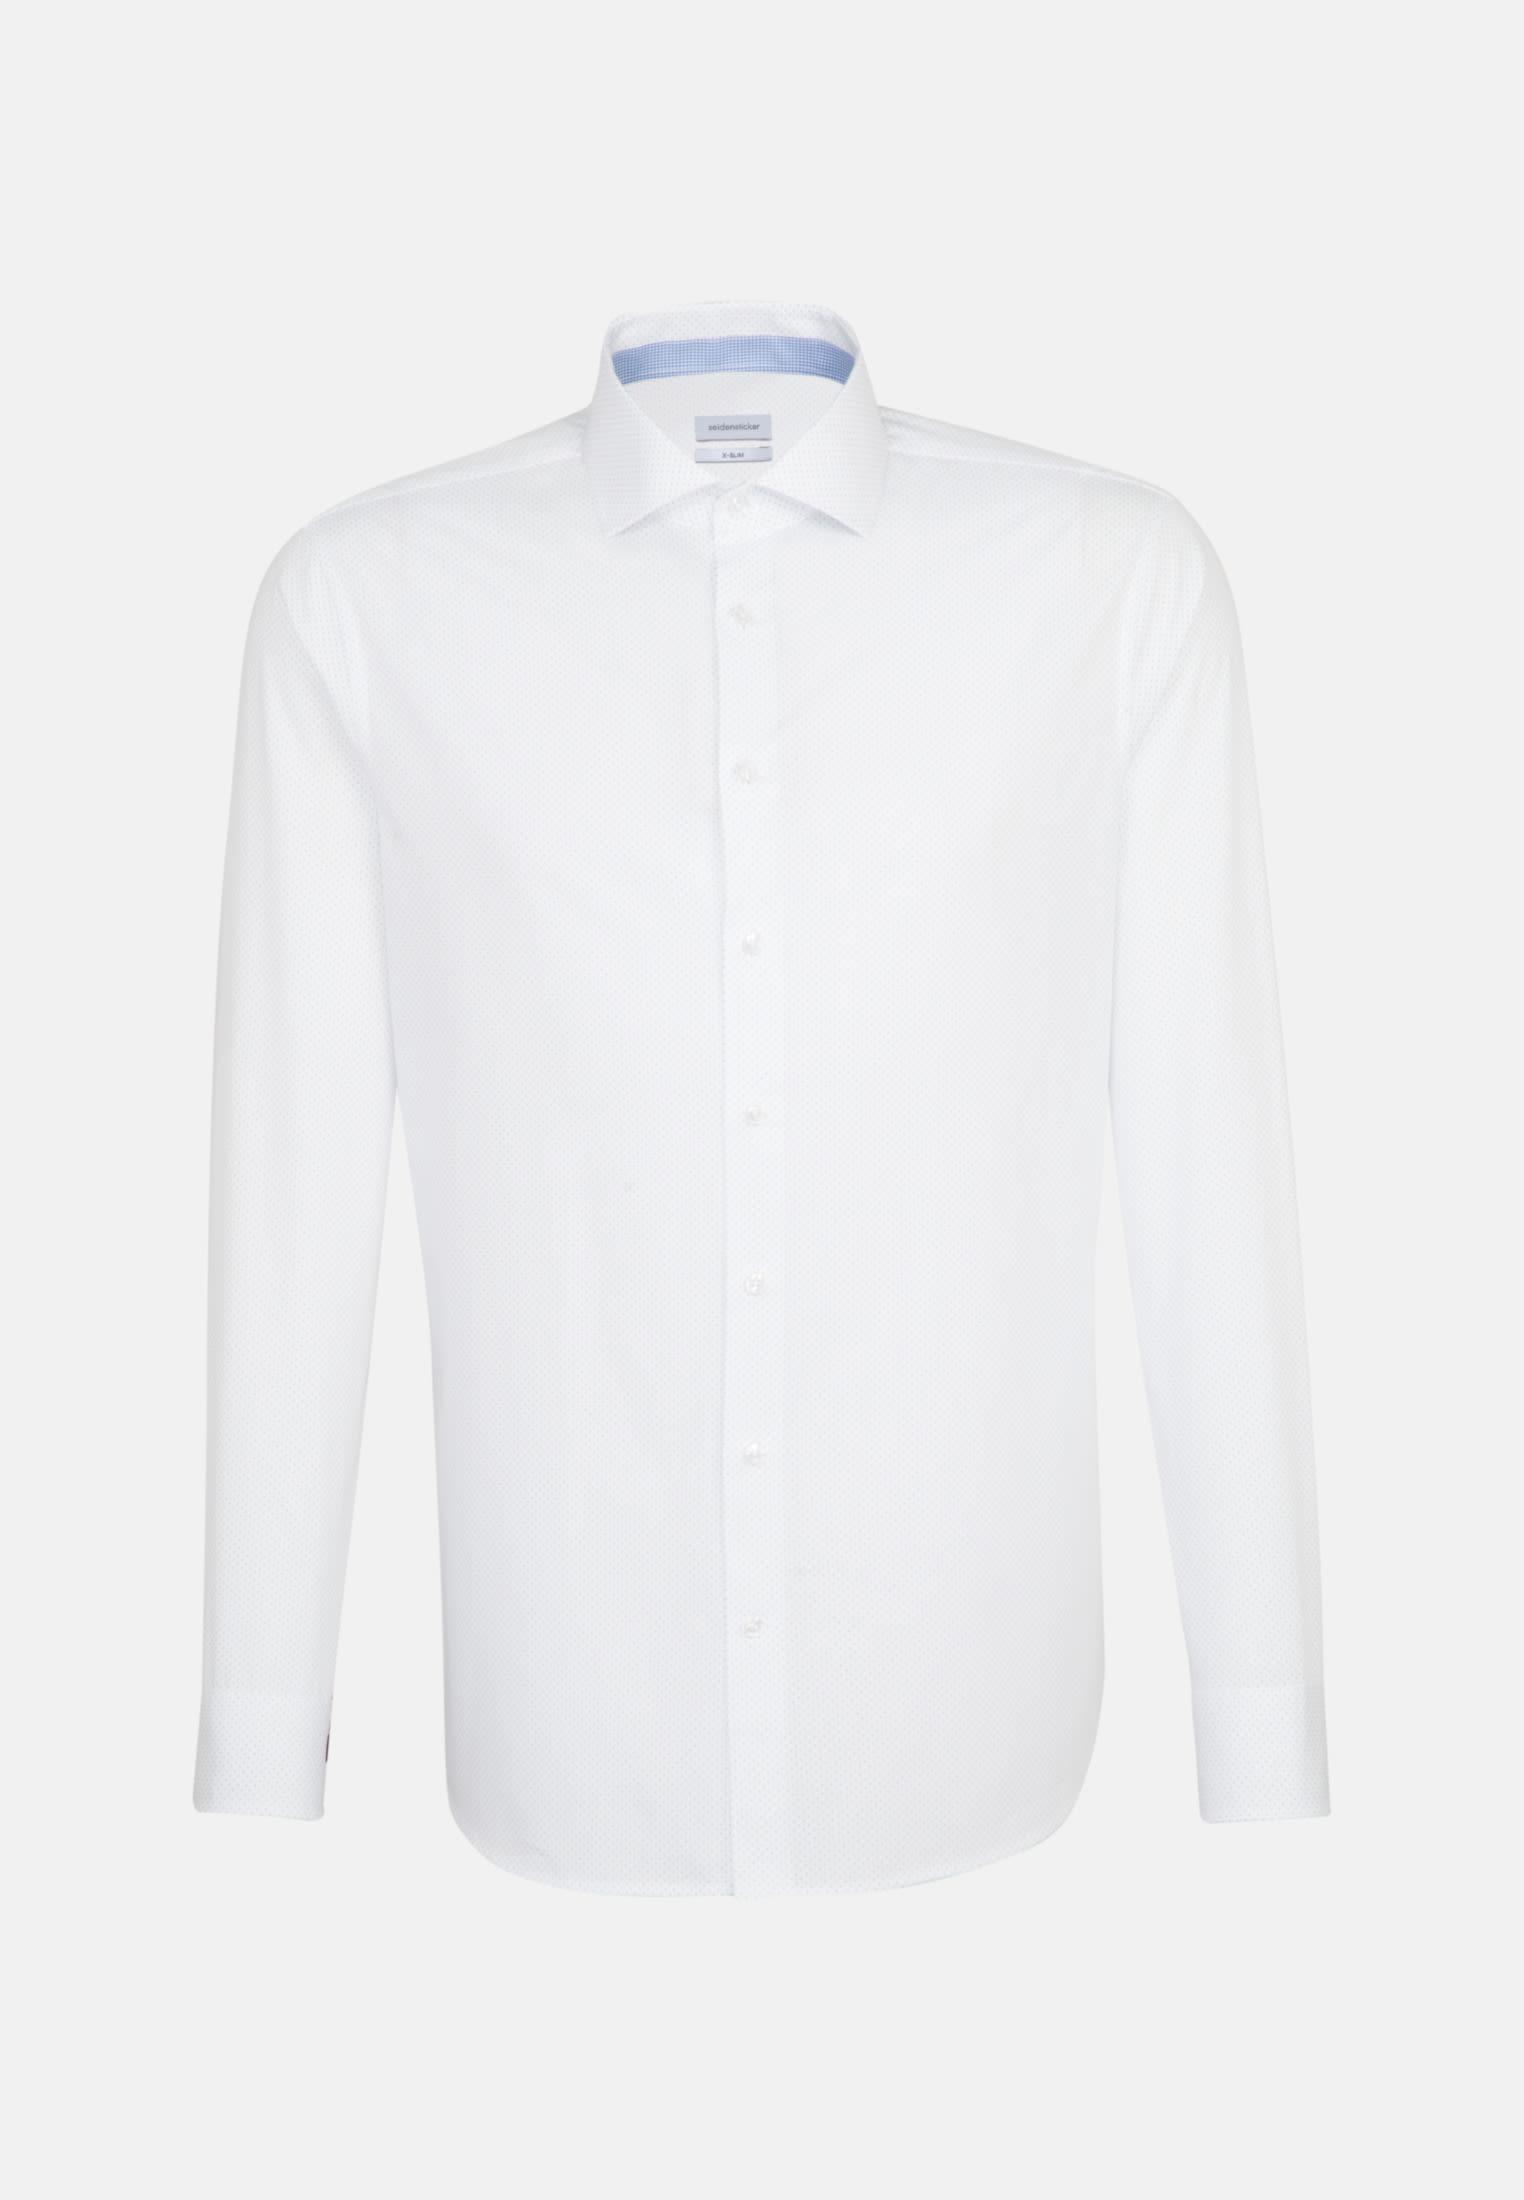 Bügelleichtes Popeline Business Hemd in X-Slim mit Kentkragen in Weiß |  Seidensticker Onlineshop